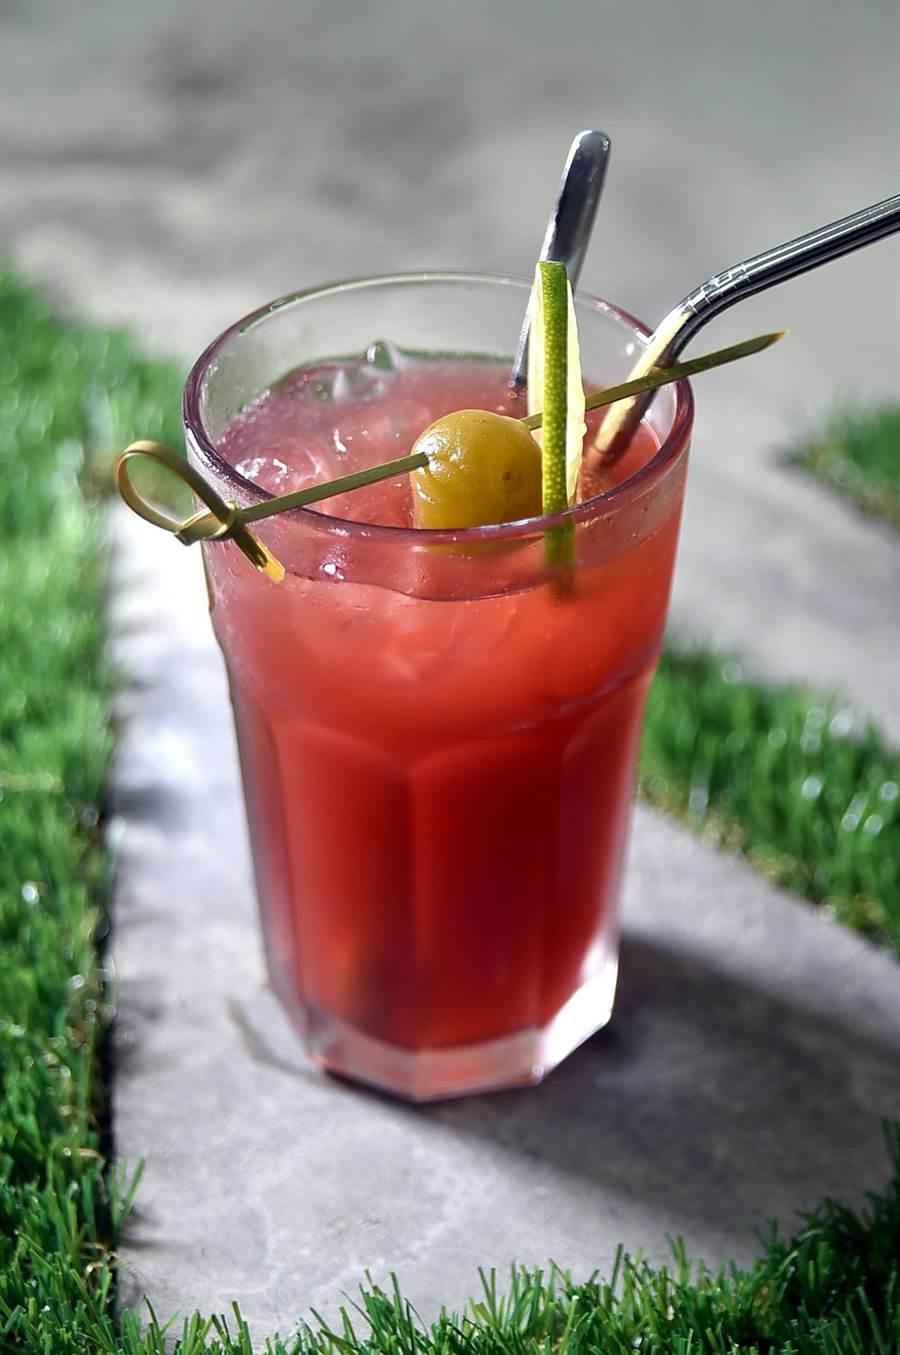 除了創意粥品,〈HUHA〉亦供應各式無酒精創意飲料,圖為用洛神花和紅茶熬製,並配了青梅和檸檬片的〈青梅洛神冰茶〉。(圖/姚舜)